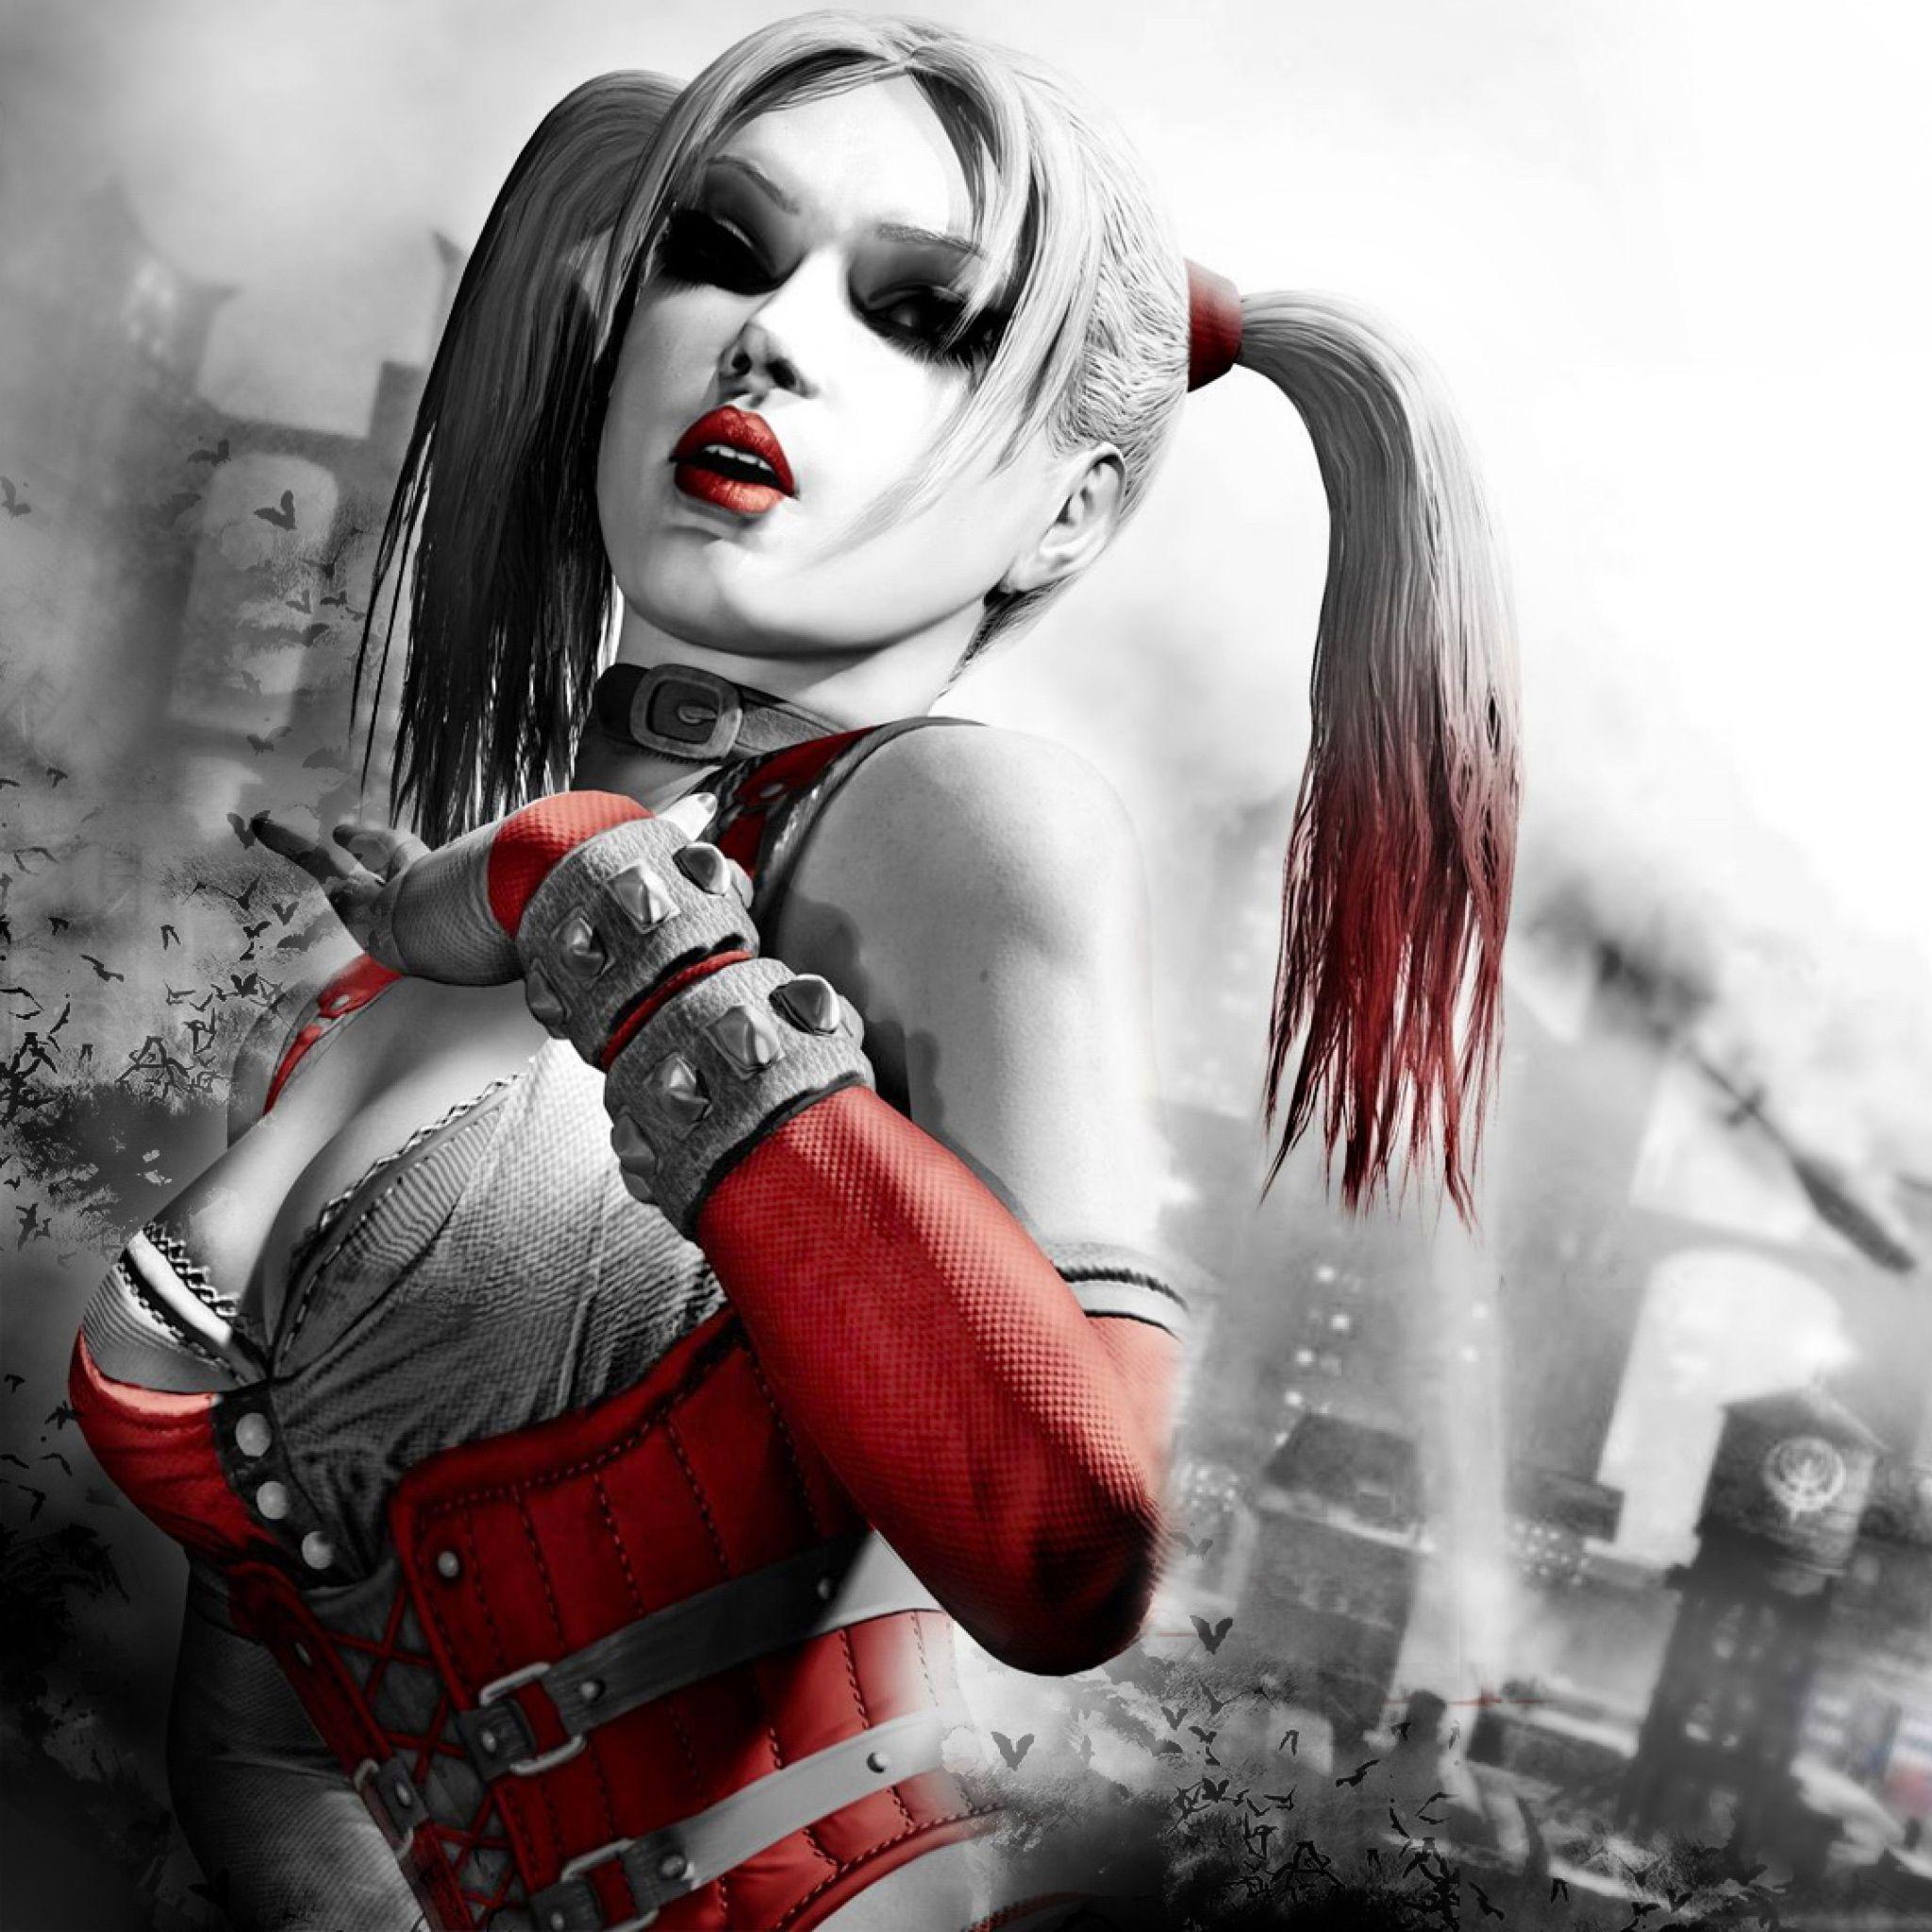 Top Wallpaper Mac Harley Quinn - 1552937e6ae4098d8d2d225430ad0425  Pictures_659679.jpg